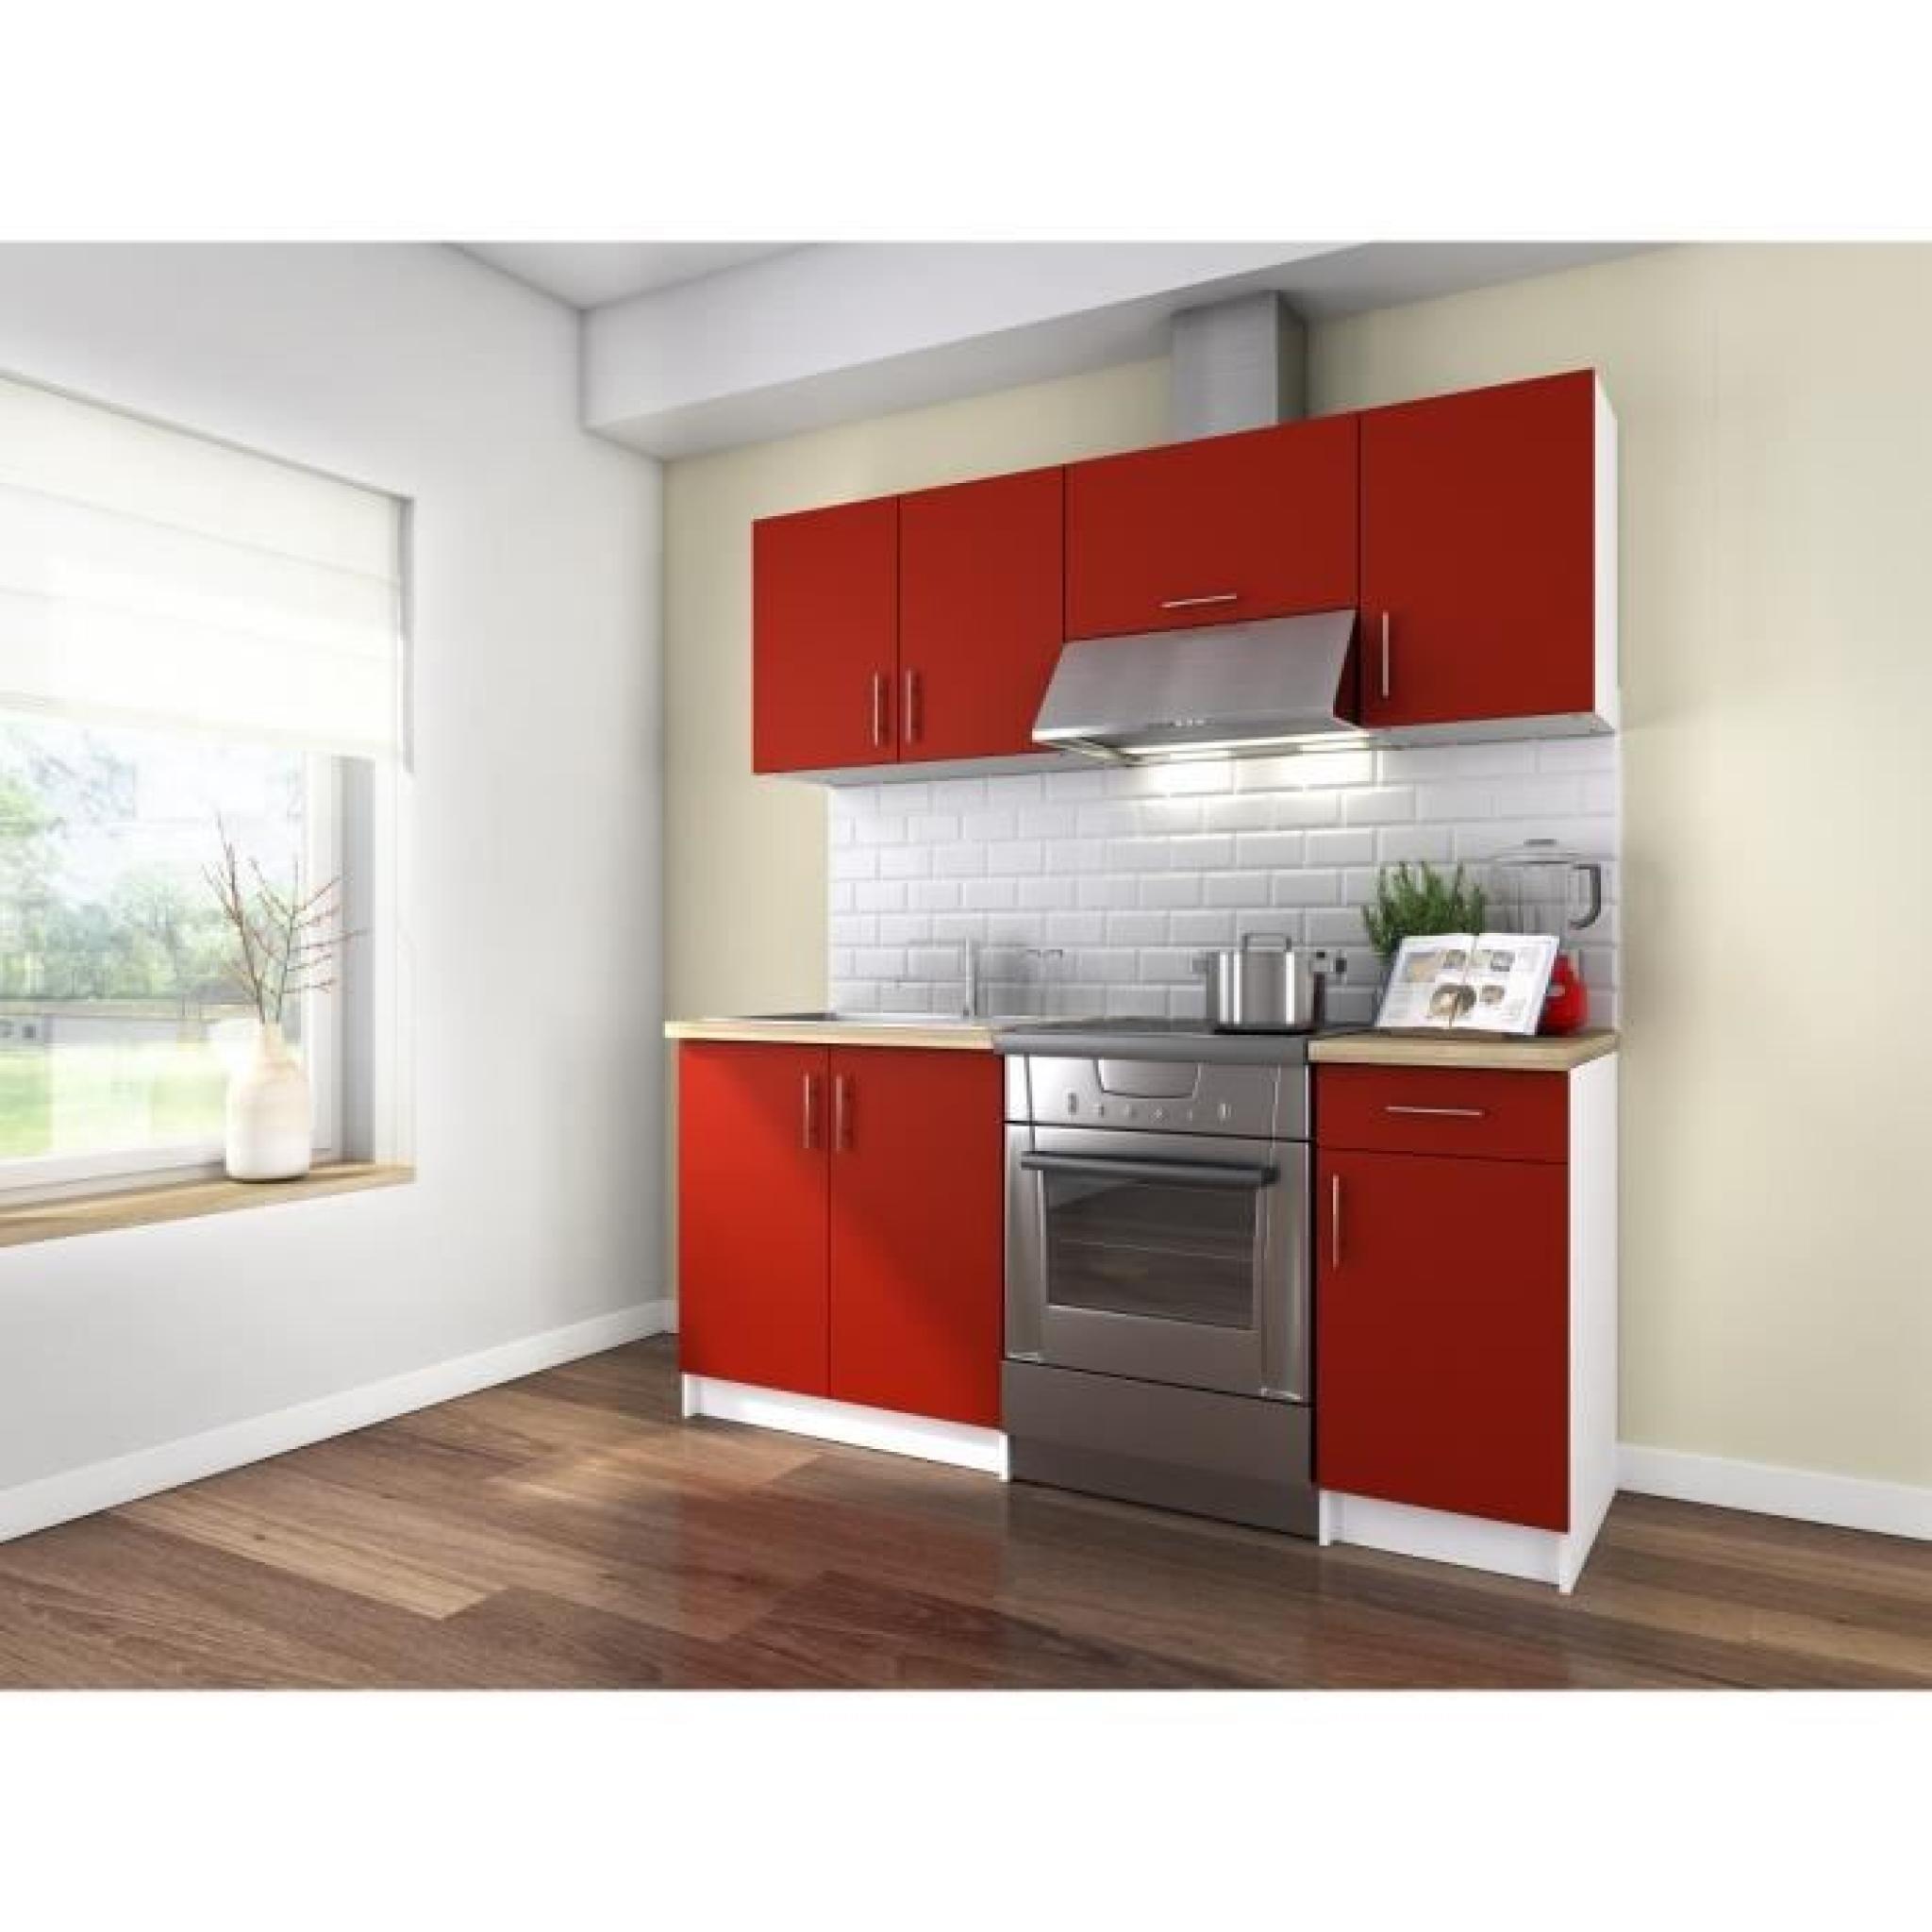 obi cuisine compl te 1m80 rouge mat achat vente cuisine complete pas cher couleur et. Black Bedroom Furniture Sets. Home Design Ideas